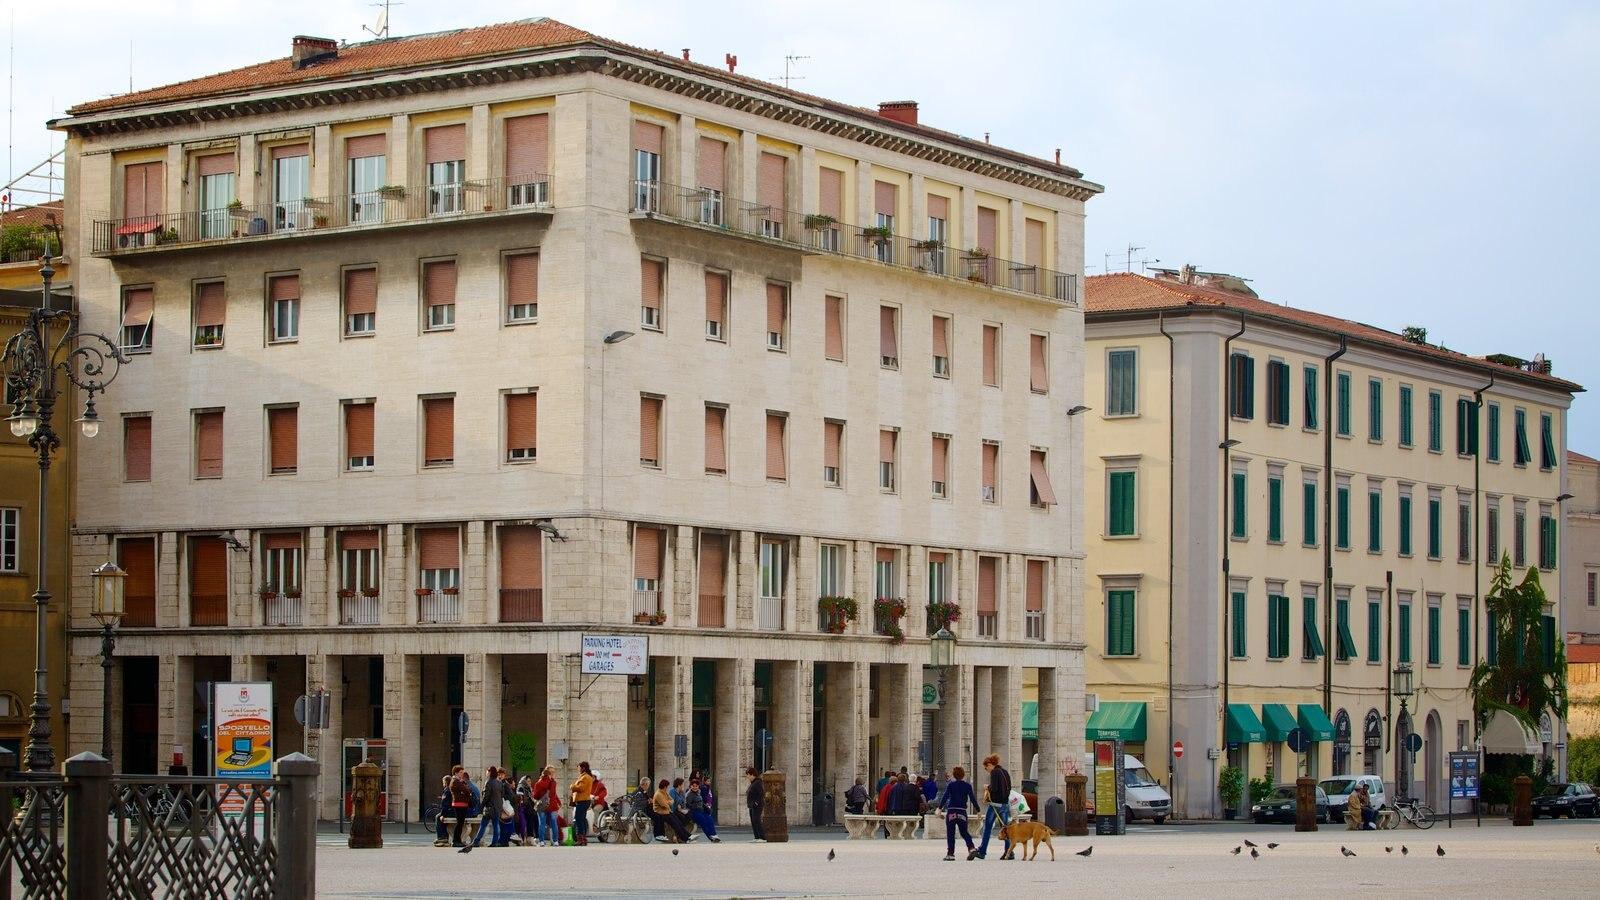 Piazza della Repubblica featuring a square or plaza and a city